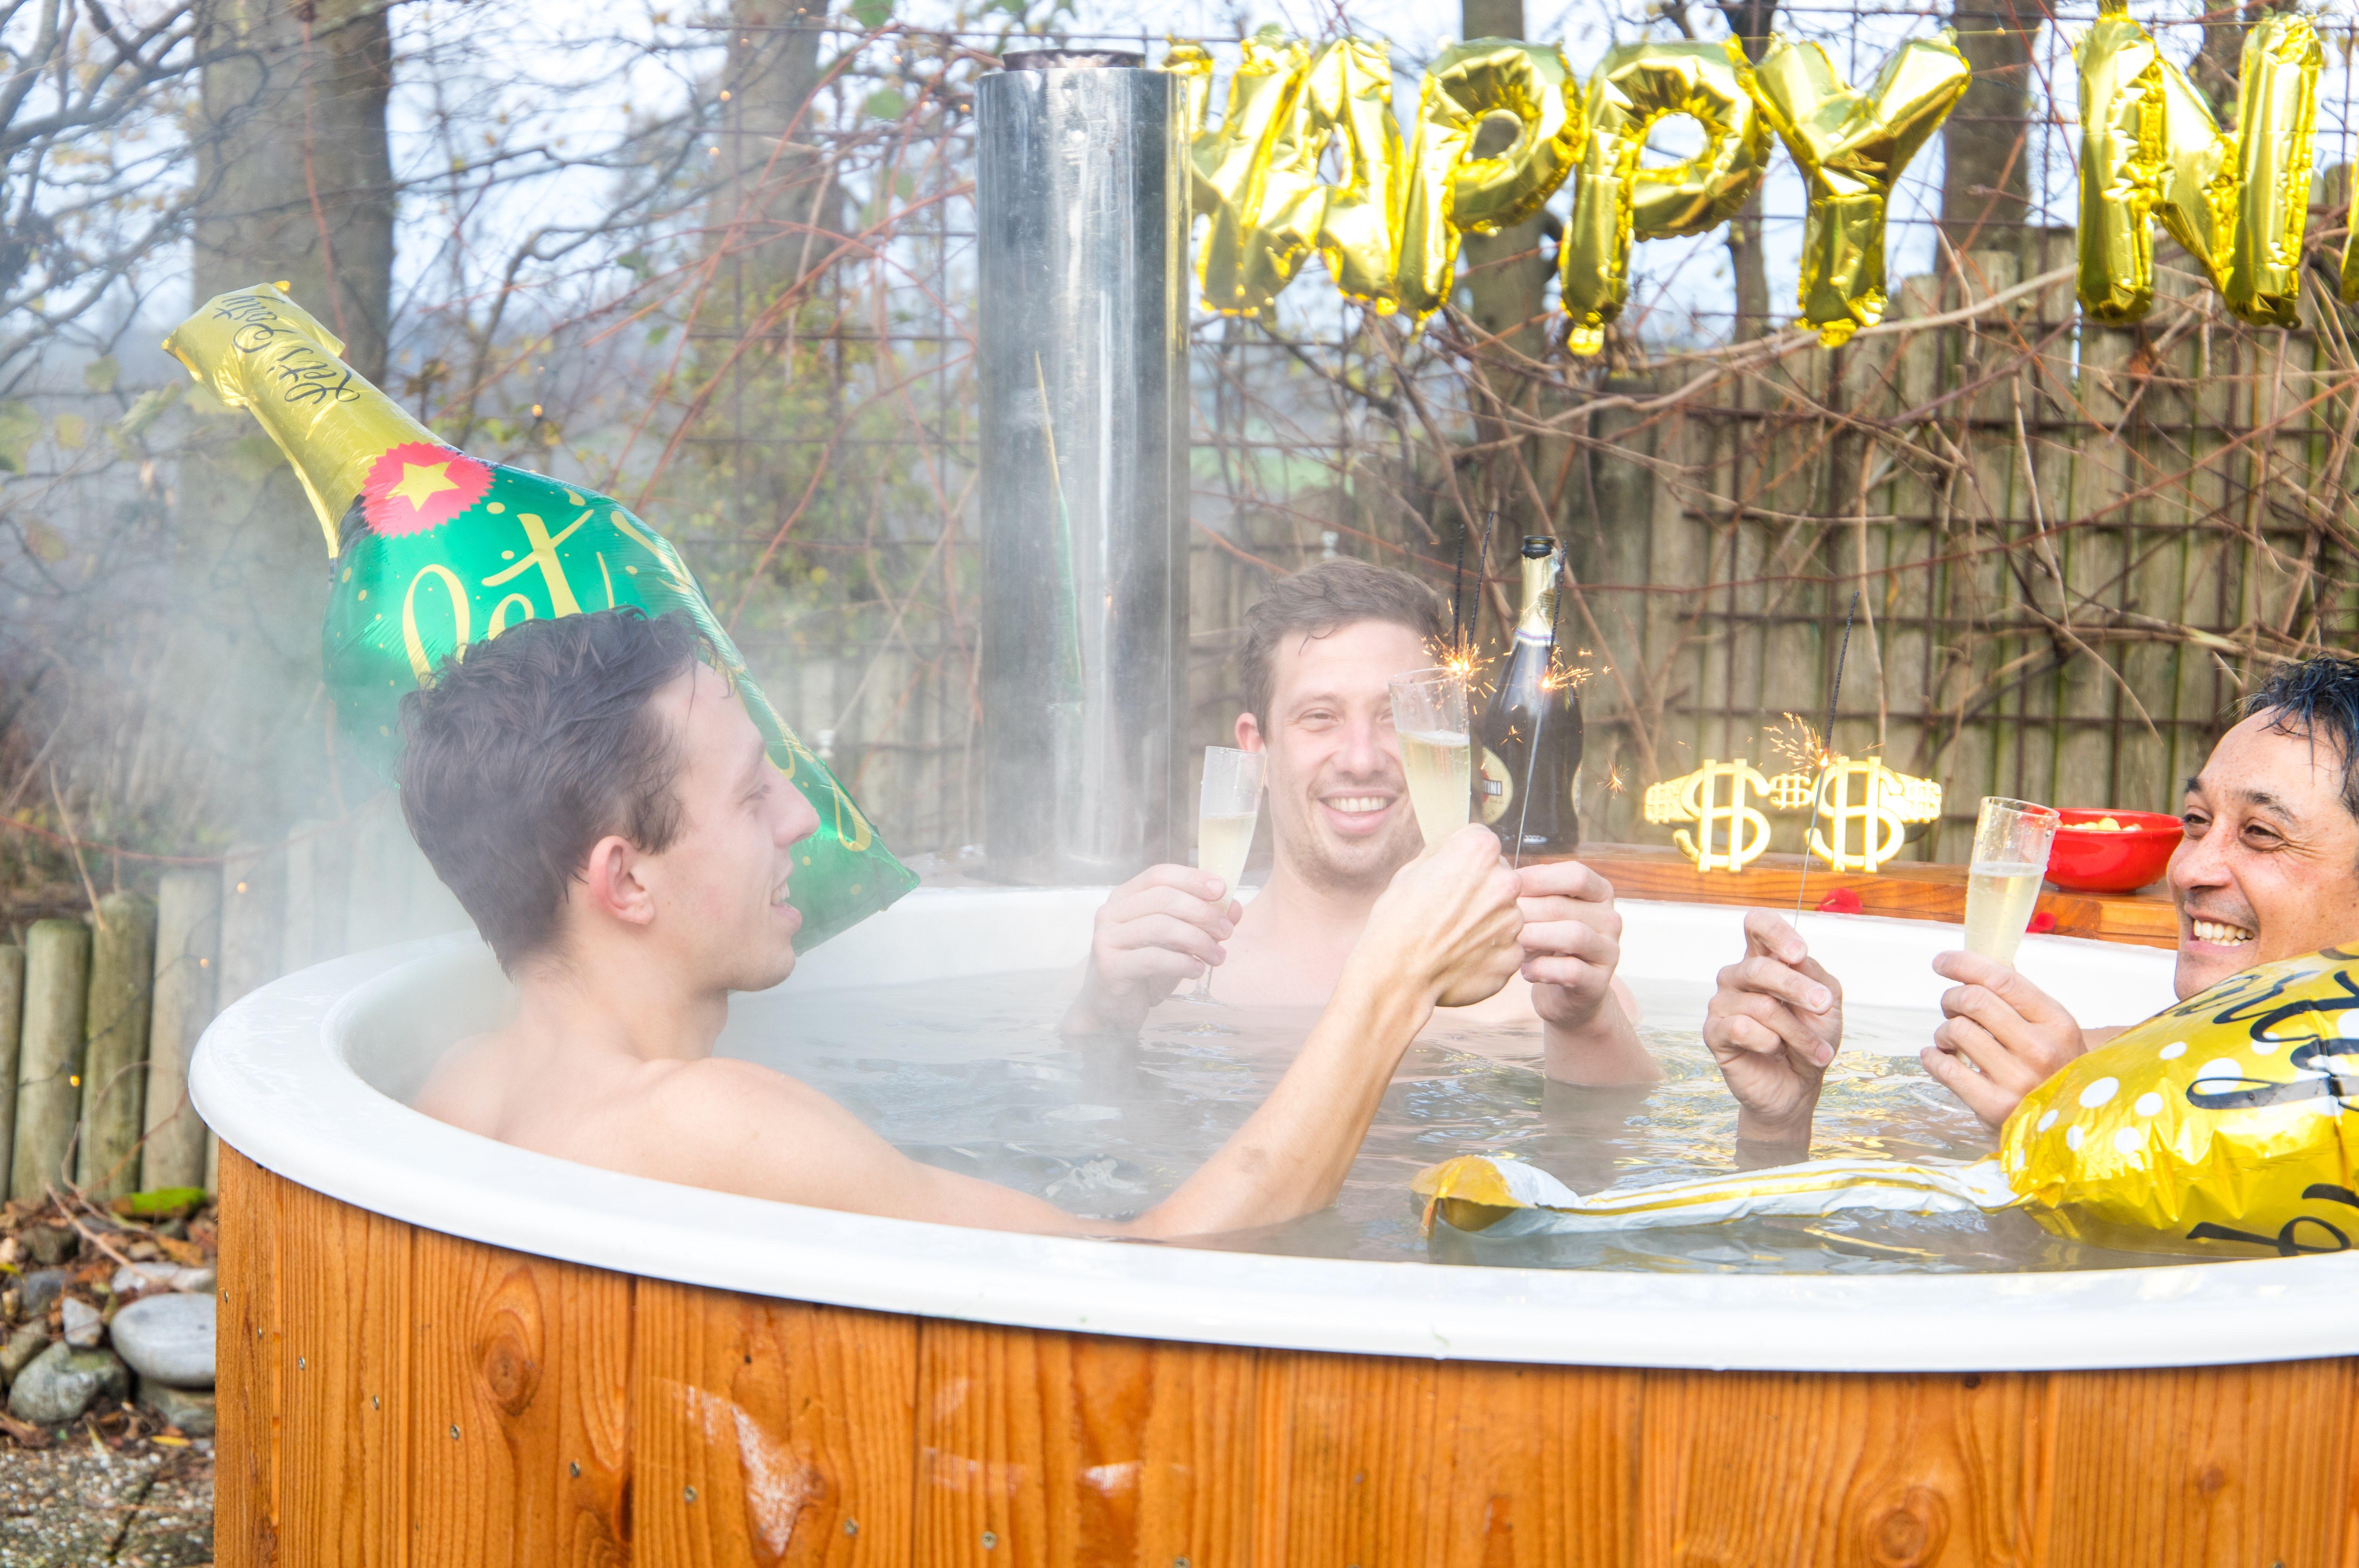 Bubbel tijdens Oud & Nieuw in een hottub buiten